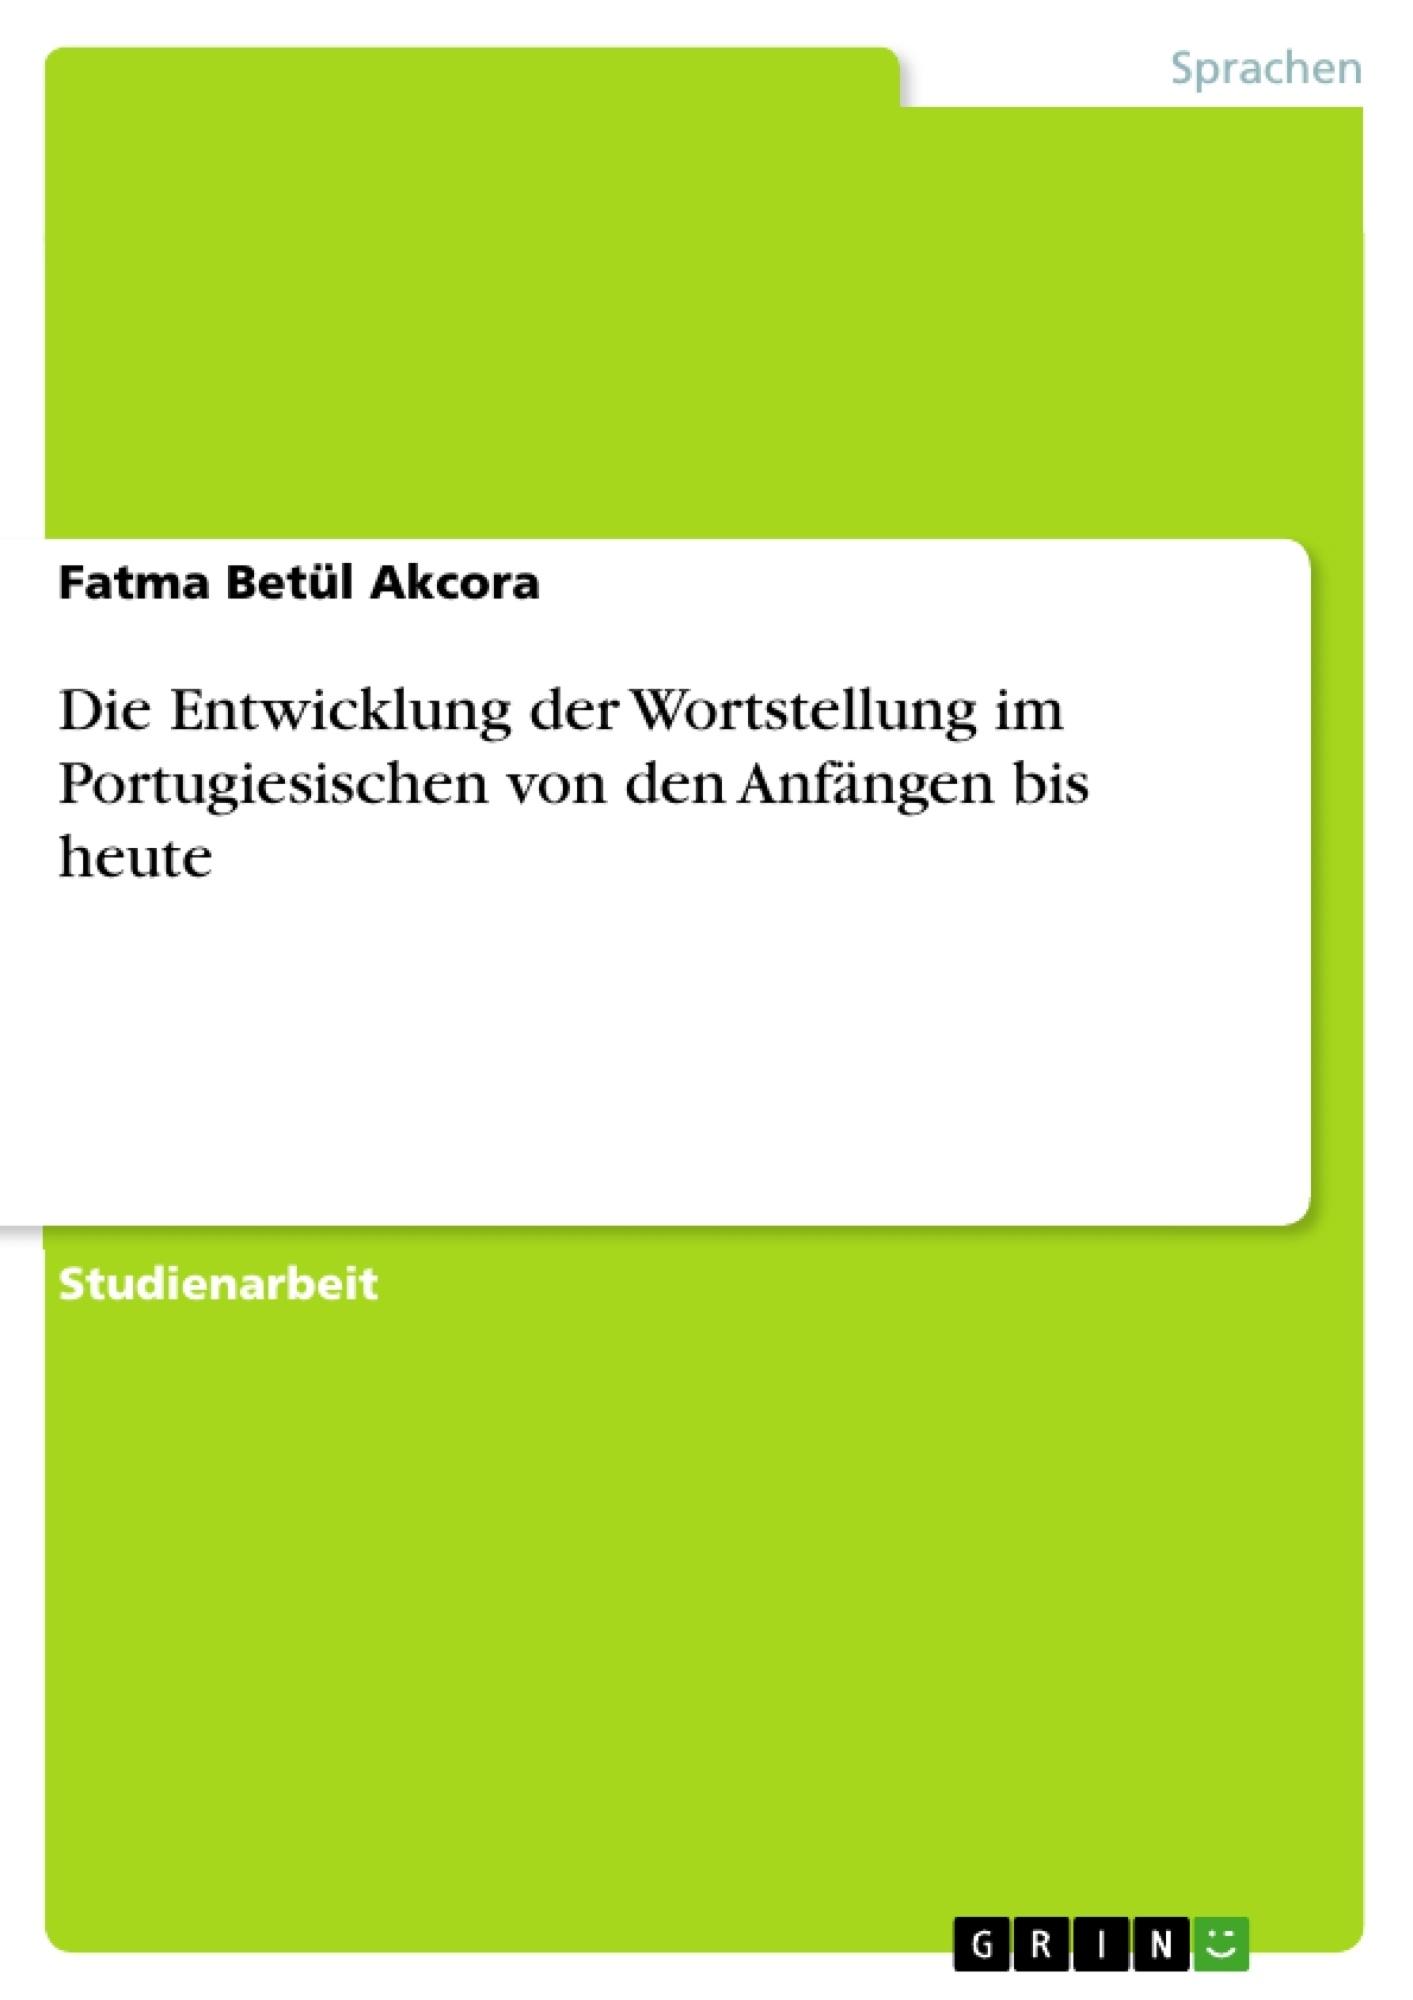 Titel: Die Entwicklung der Wortstellung im Portugiesischen von den Anfängen bis heute